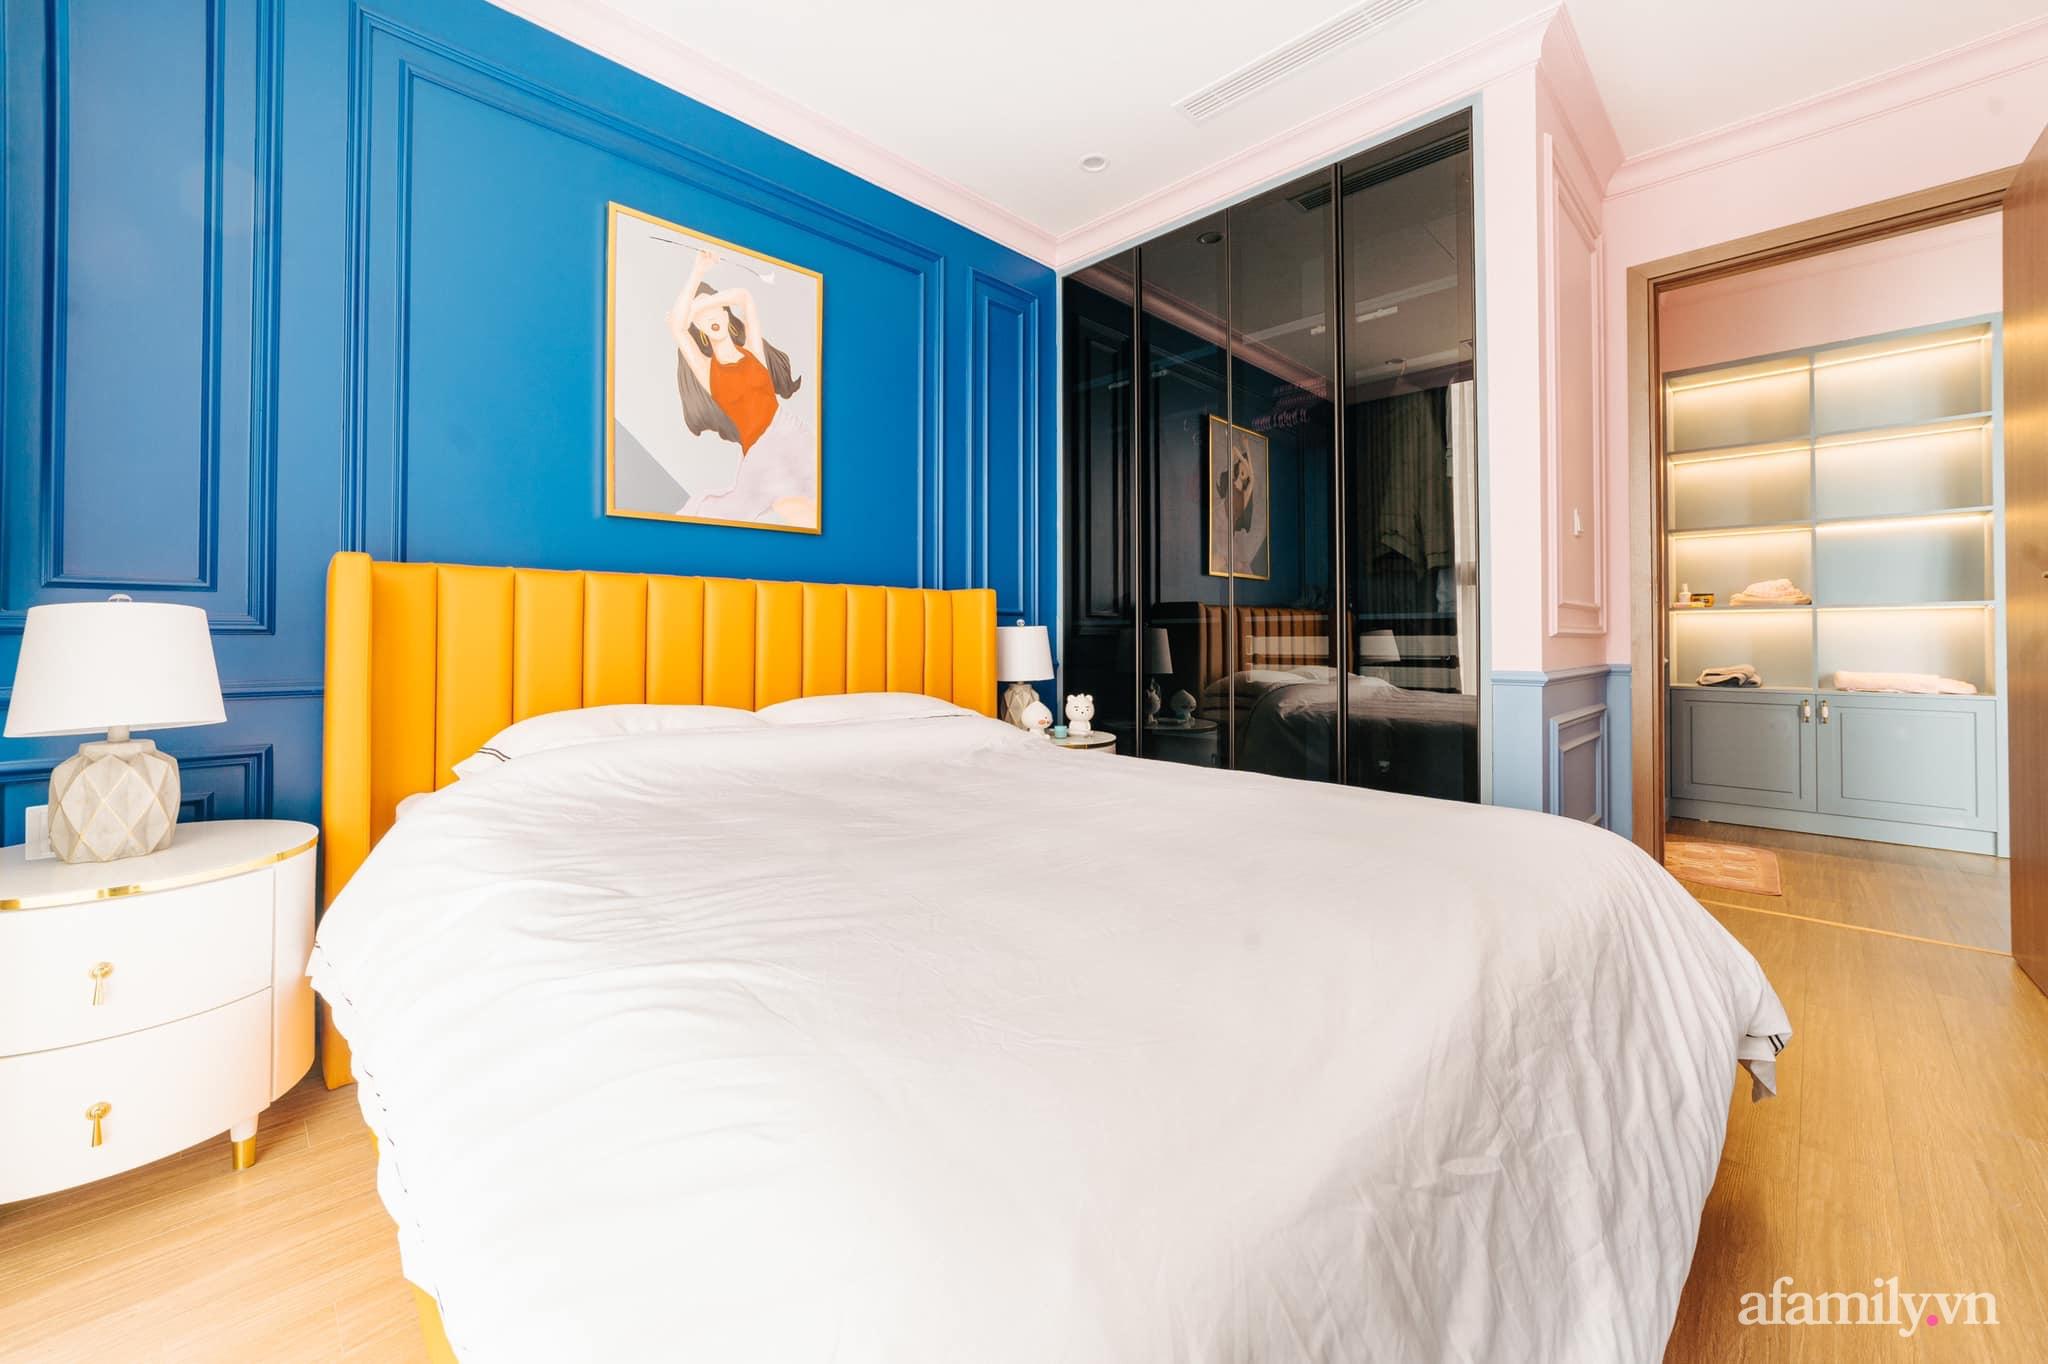 Căn hộ 45m² đẹp không góc chết với điểm nhấn màu xanh hồng cực chất có chi phí hoàn thiện 200 triệu đồng ở Hà Nội - Ảnh 16.